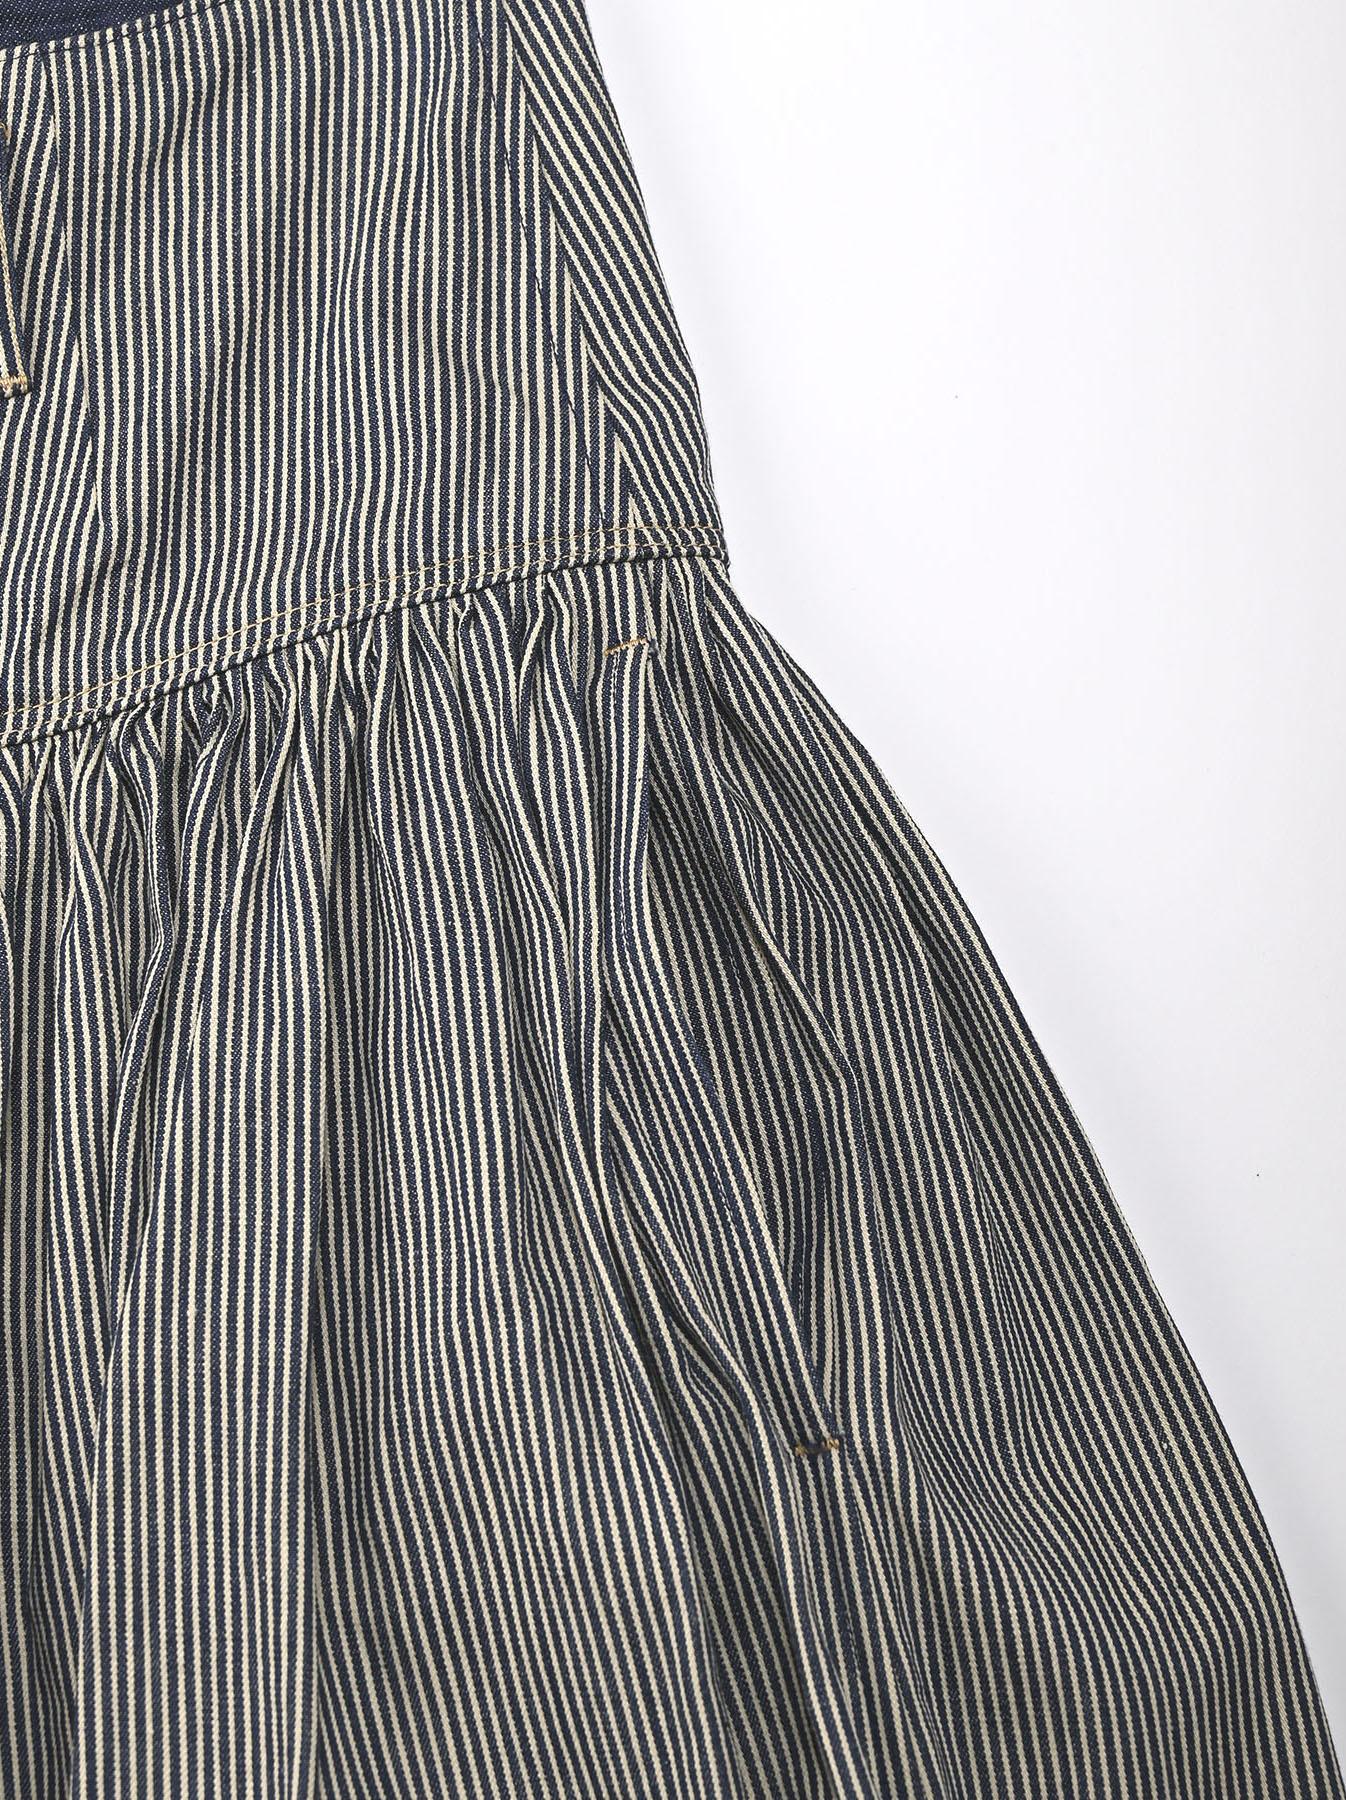 Denim Gathered Culottes Skirt(0721)-9